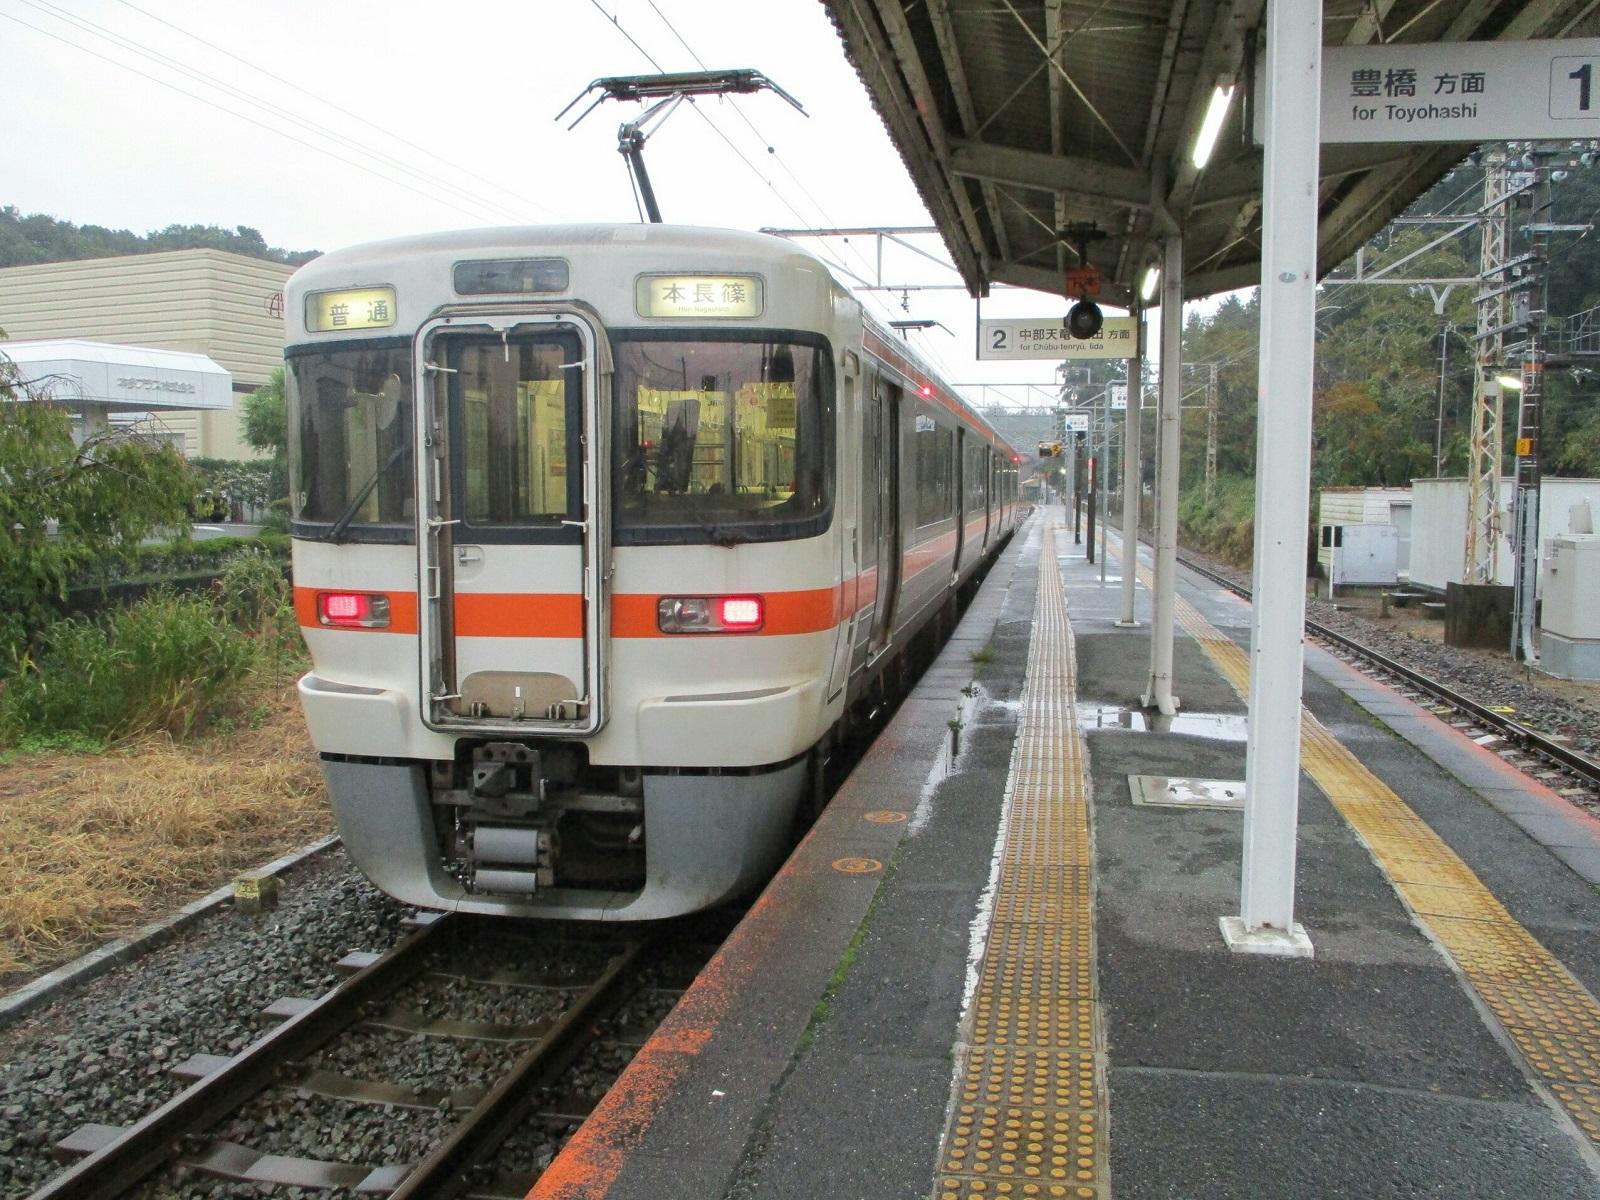 2018.9.20 (121) 三河東郷 - 本長篠いきふつう 1600-1200